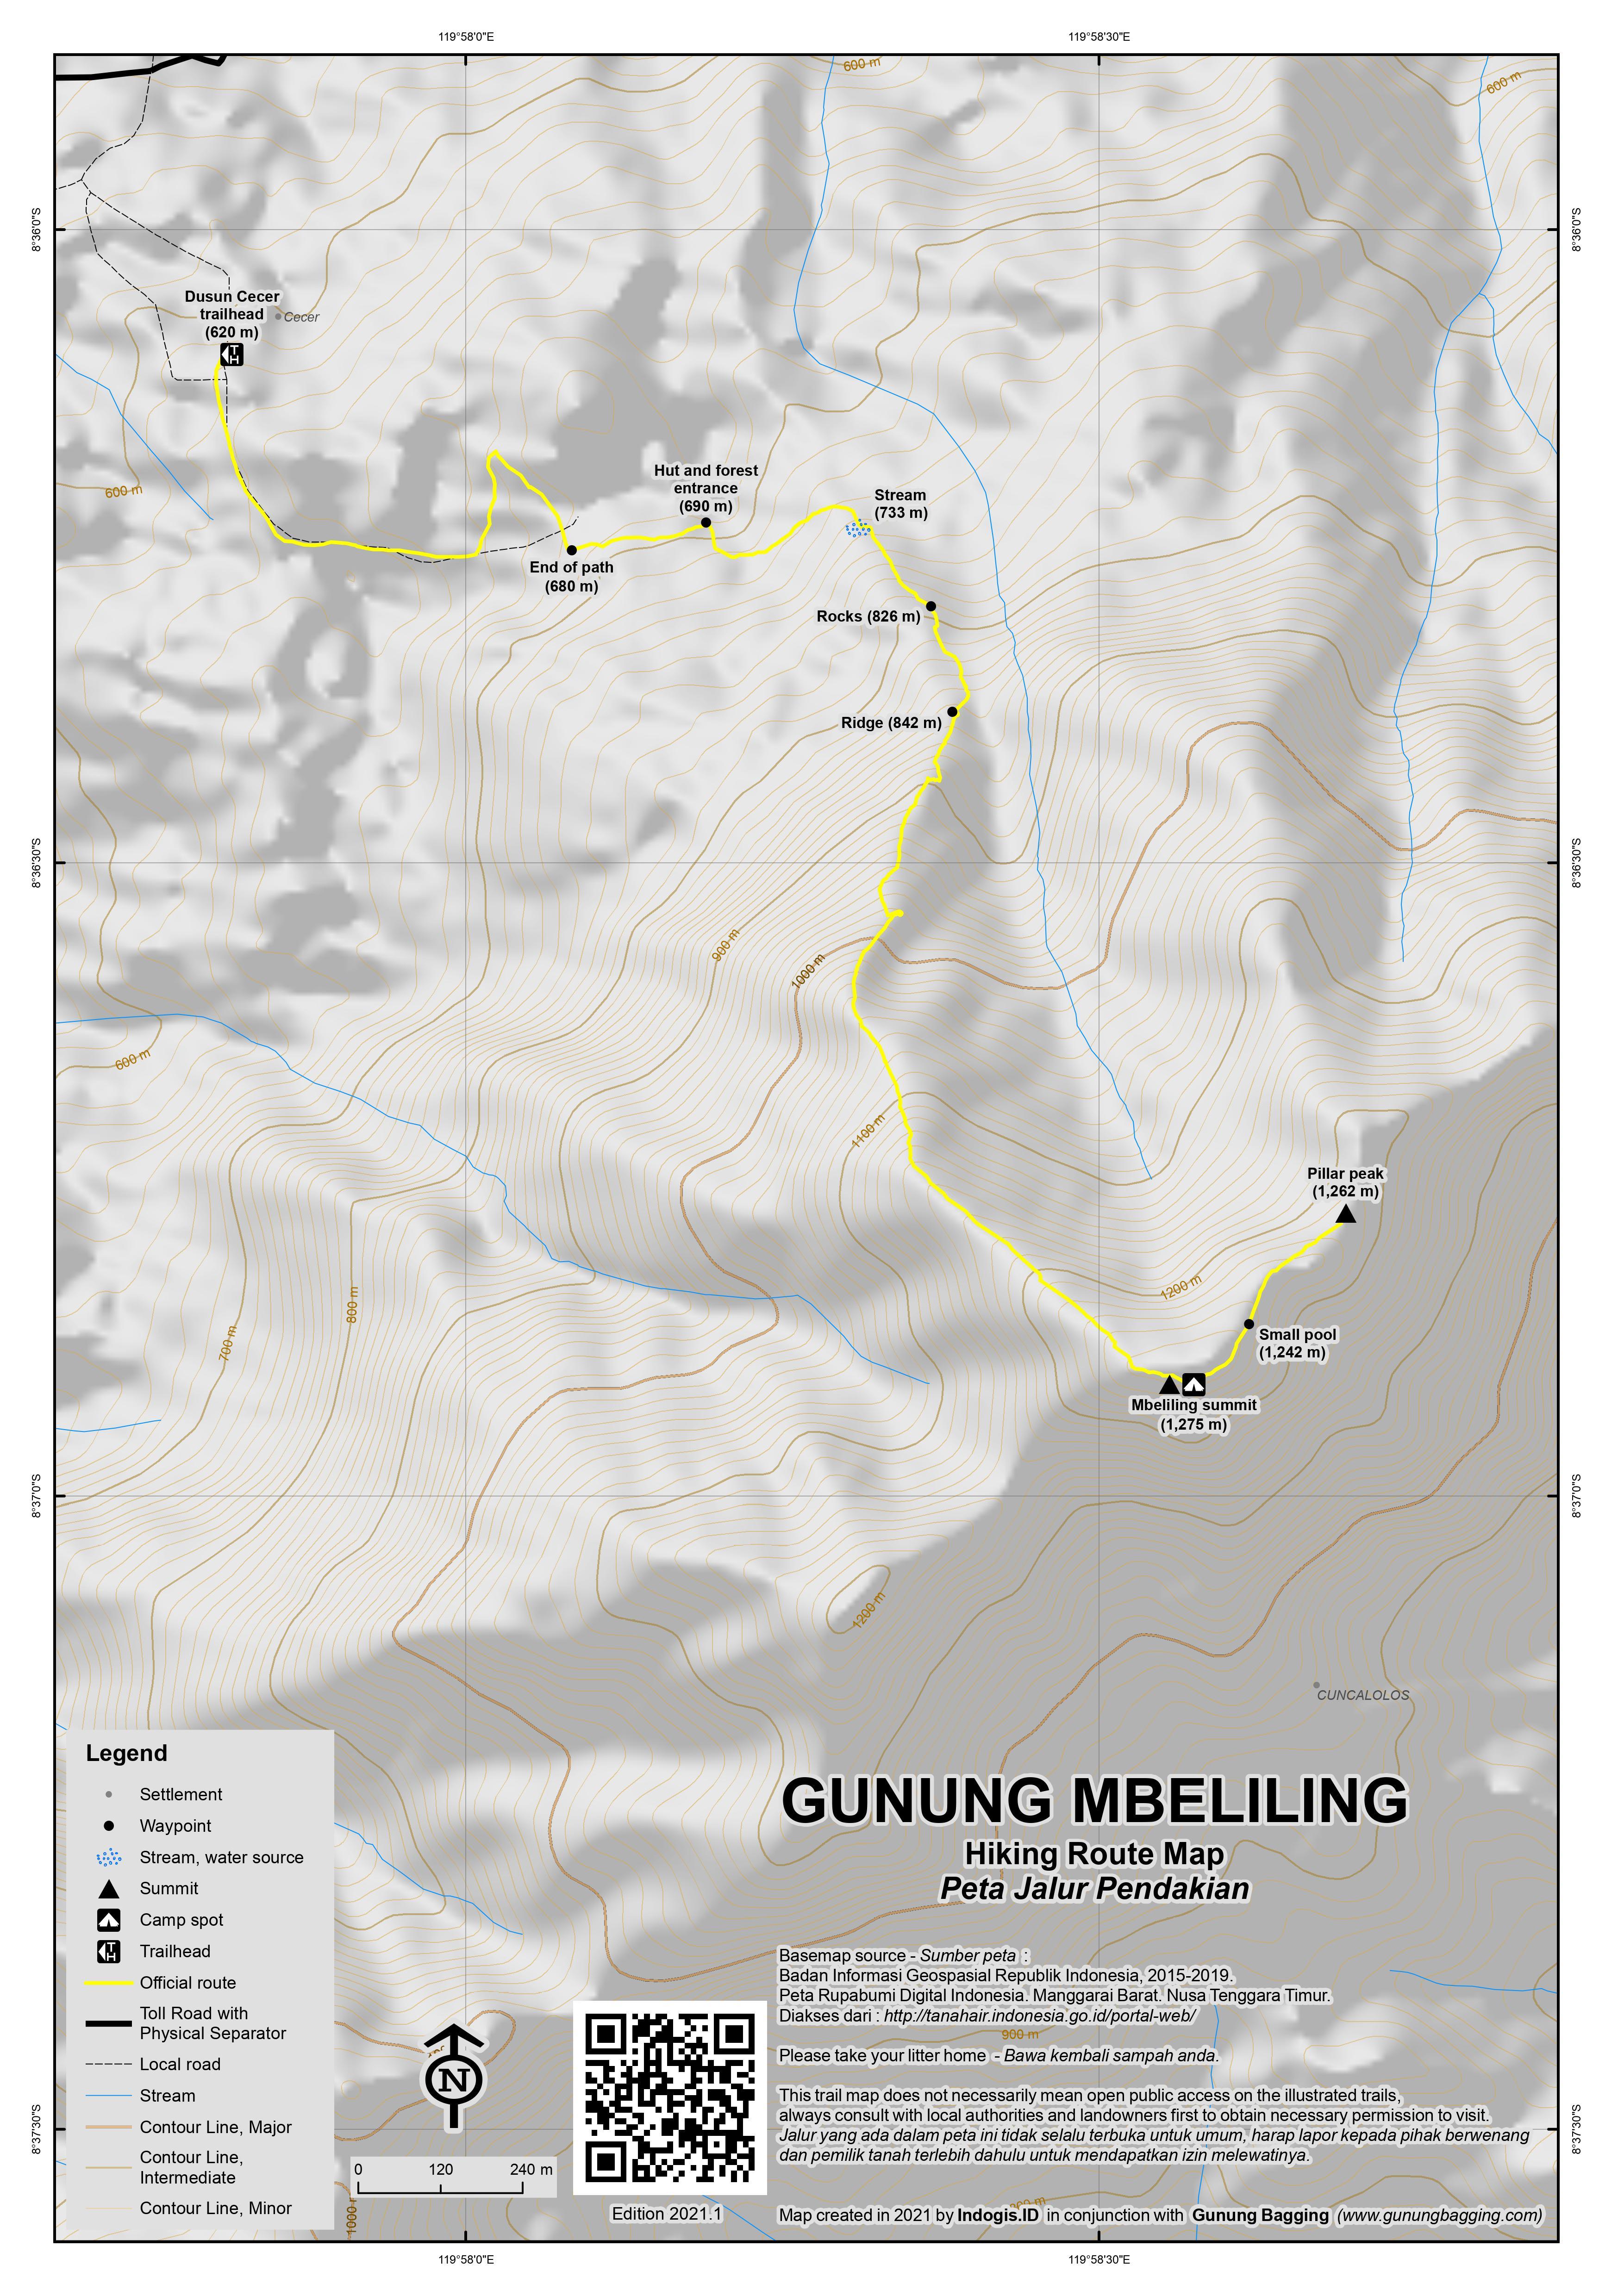 Peta Jalur Pendakian Gunung Mbeliling